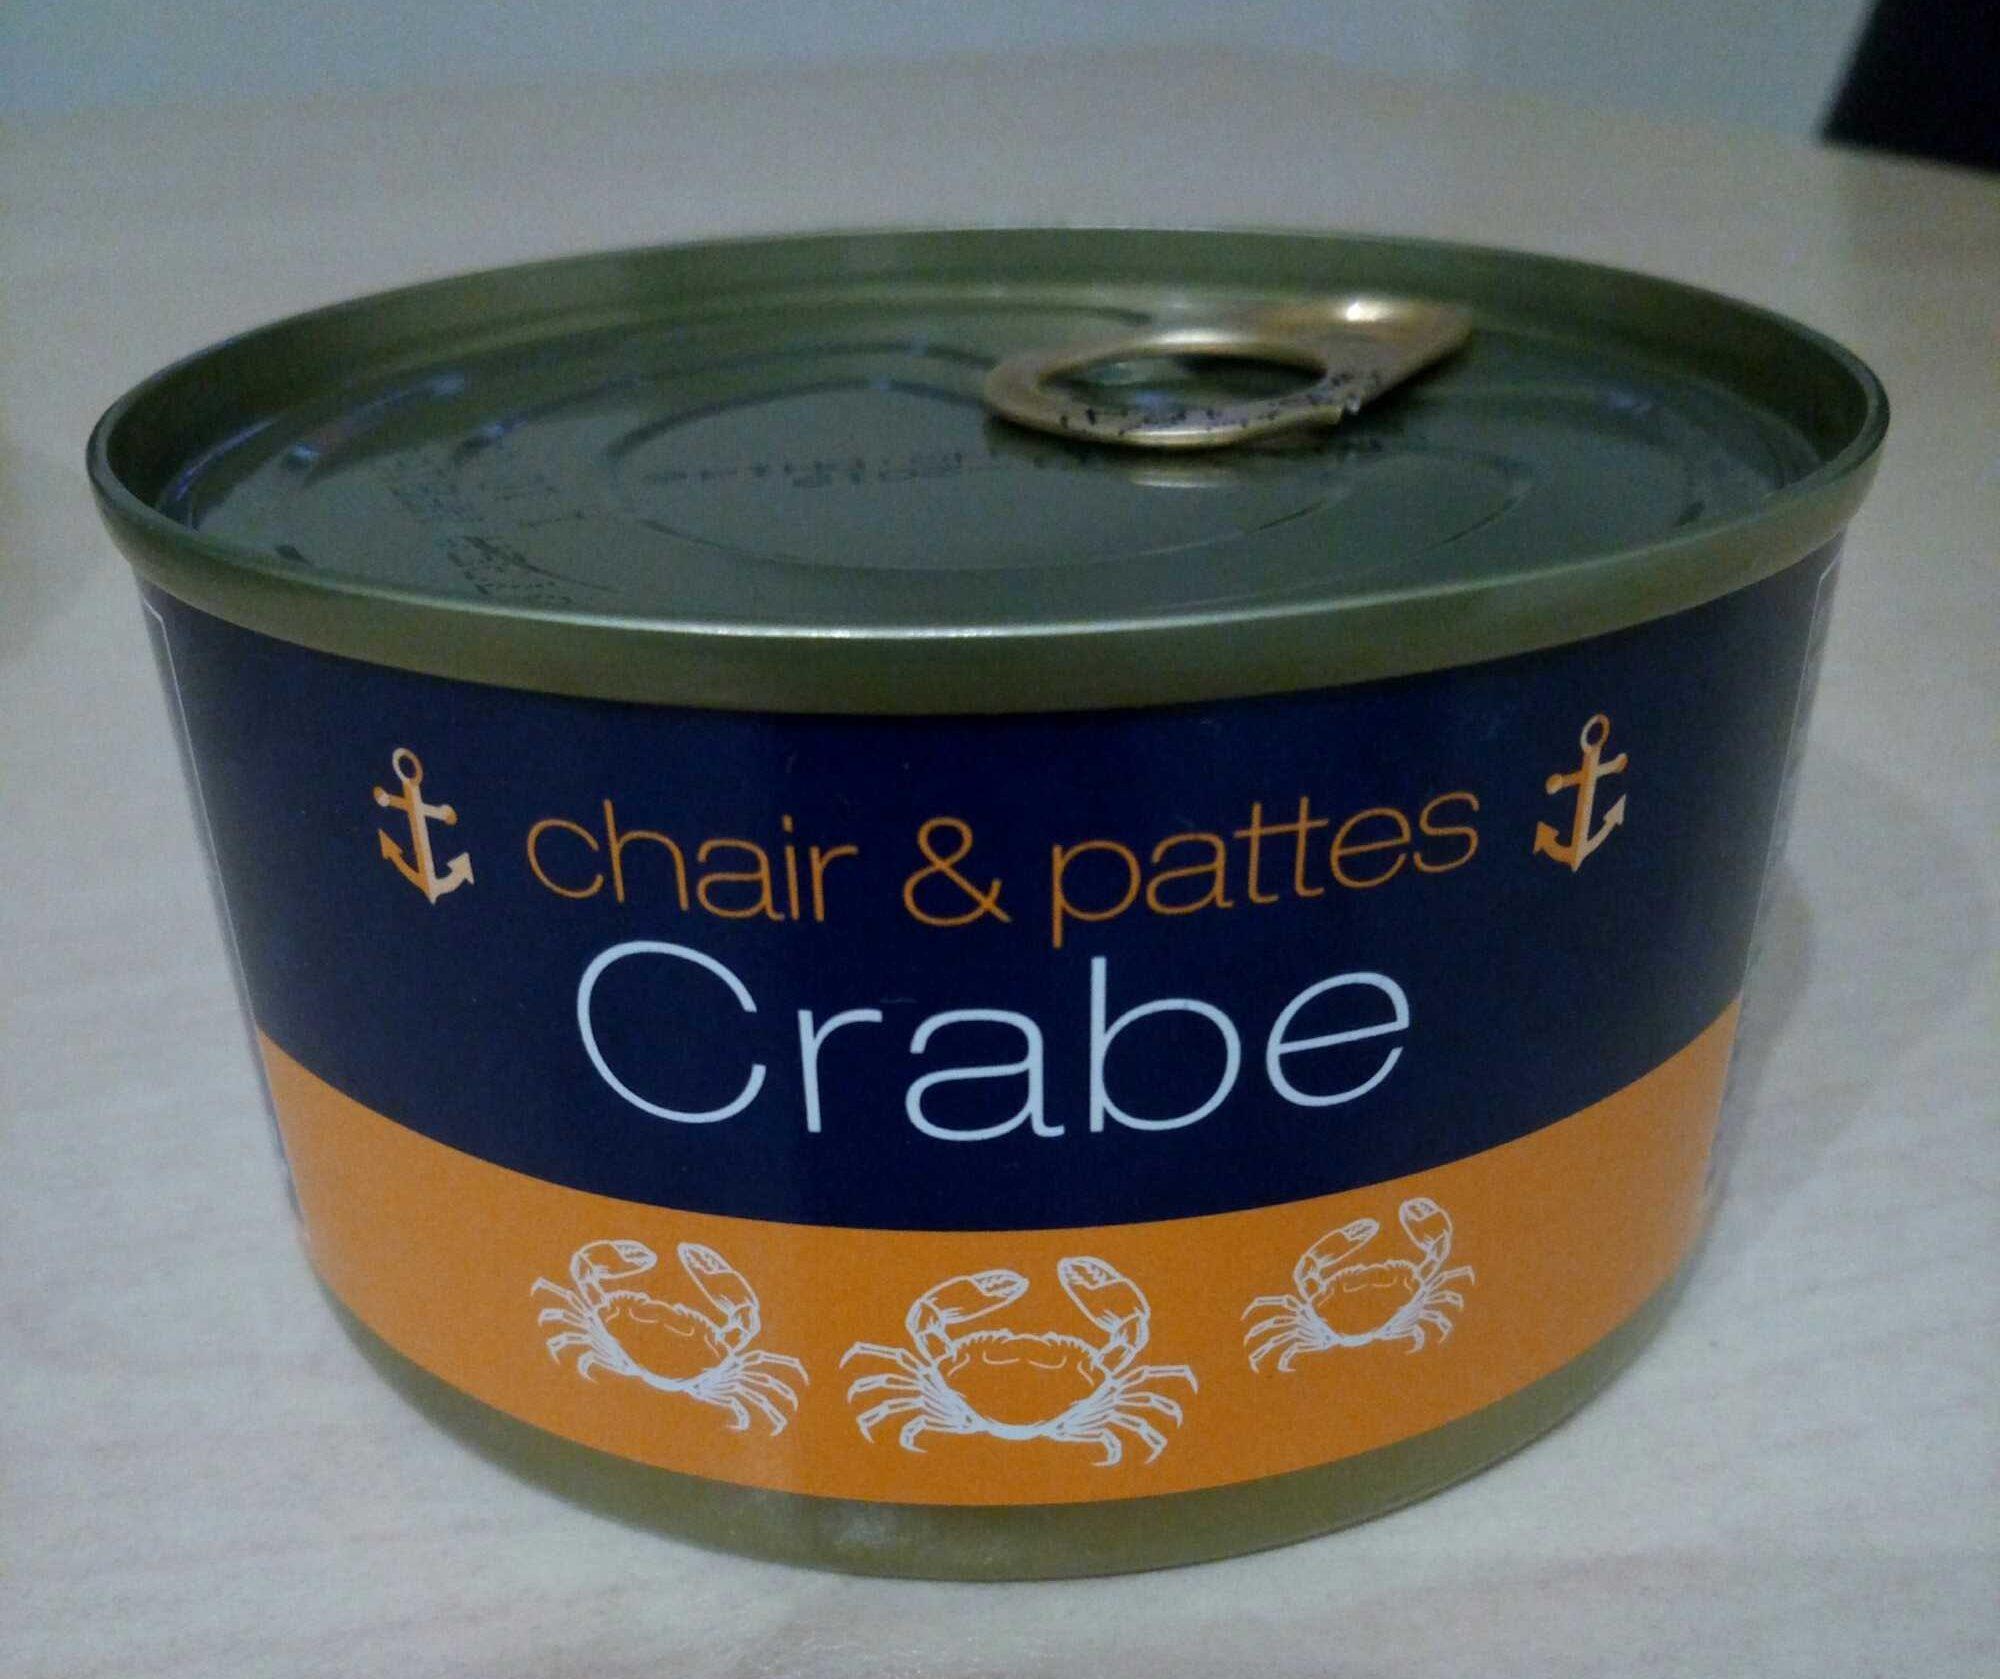 Chair et pattes - Crabe - Produit